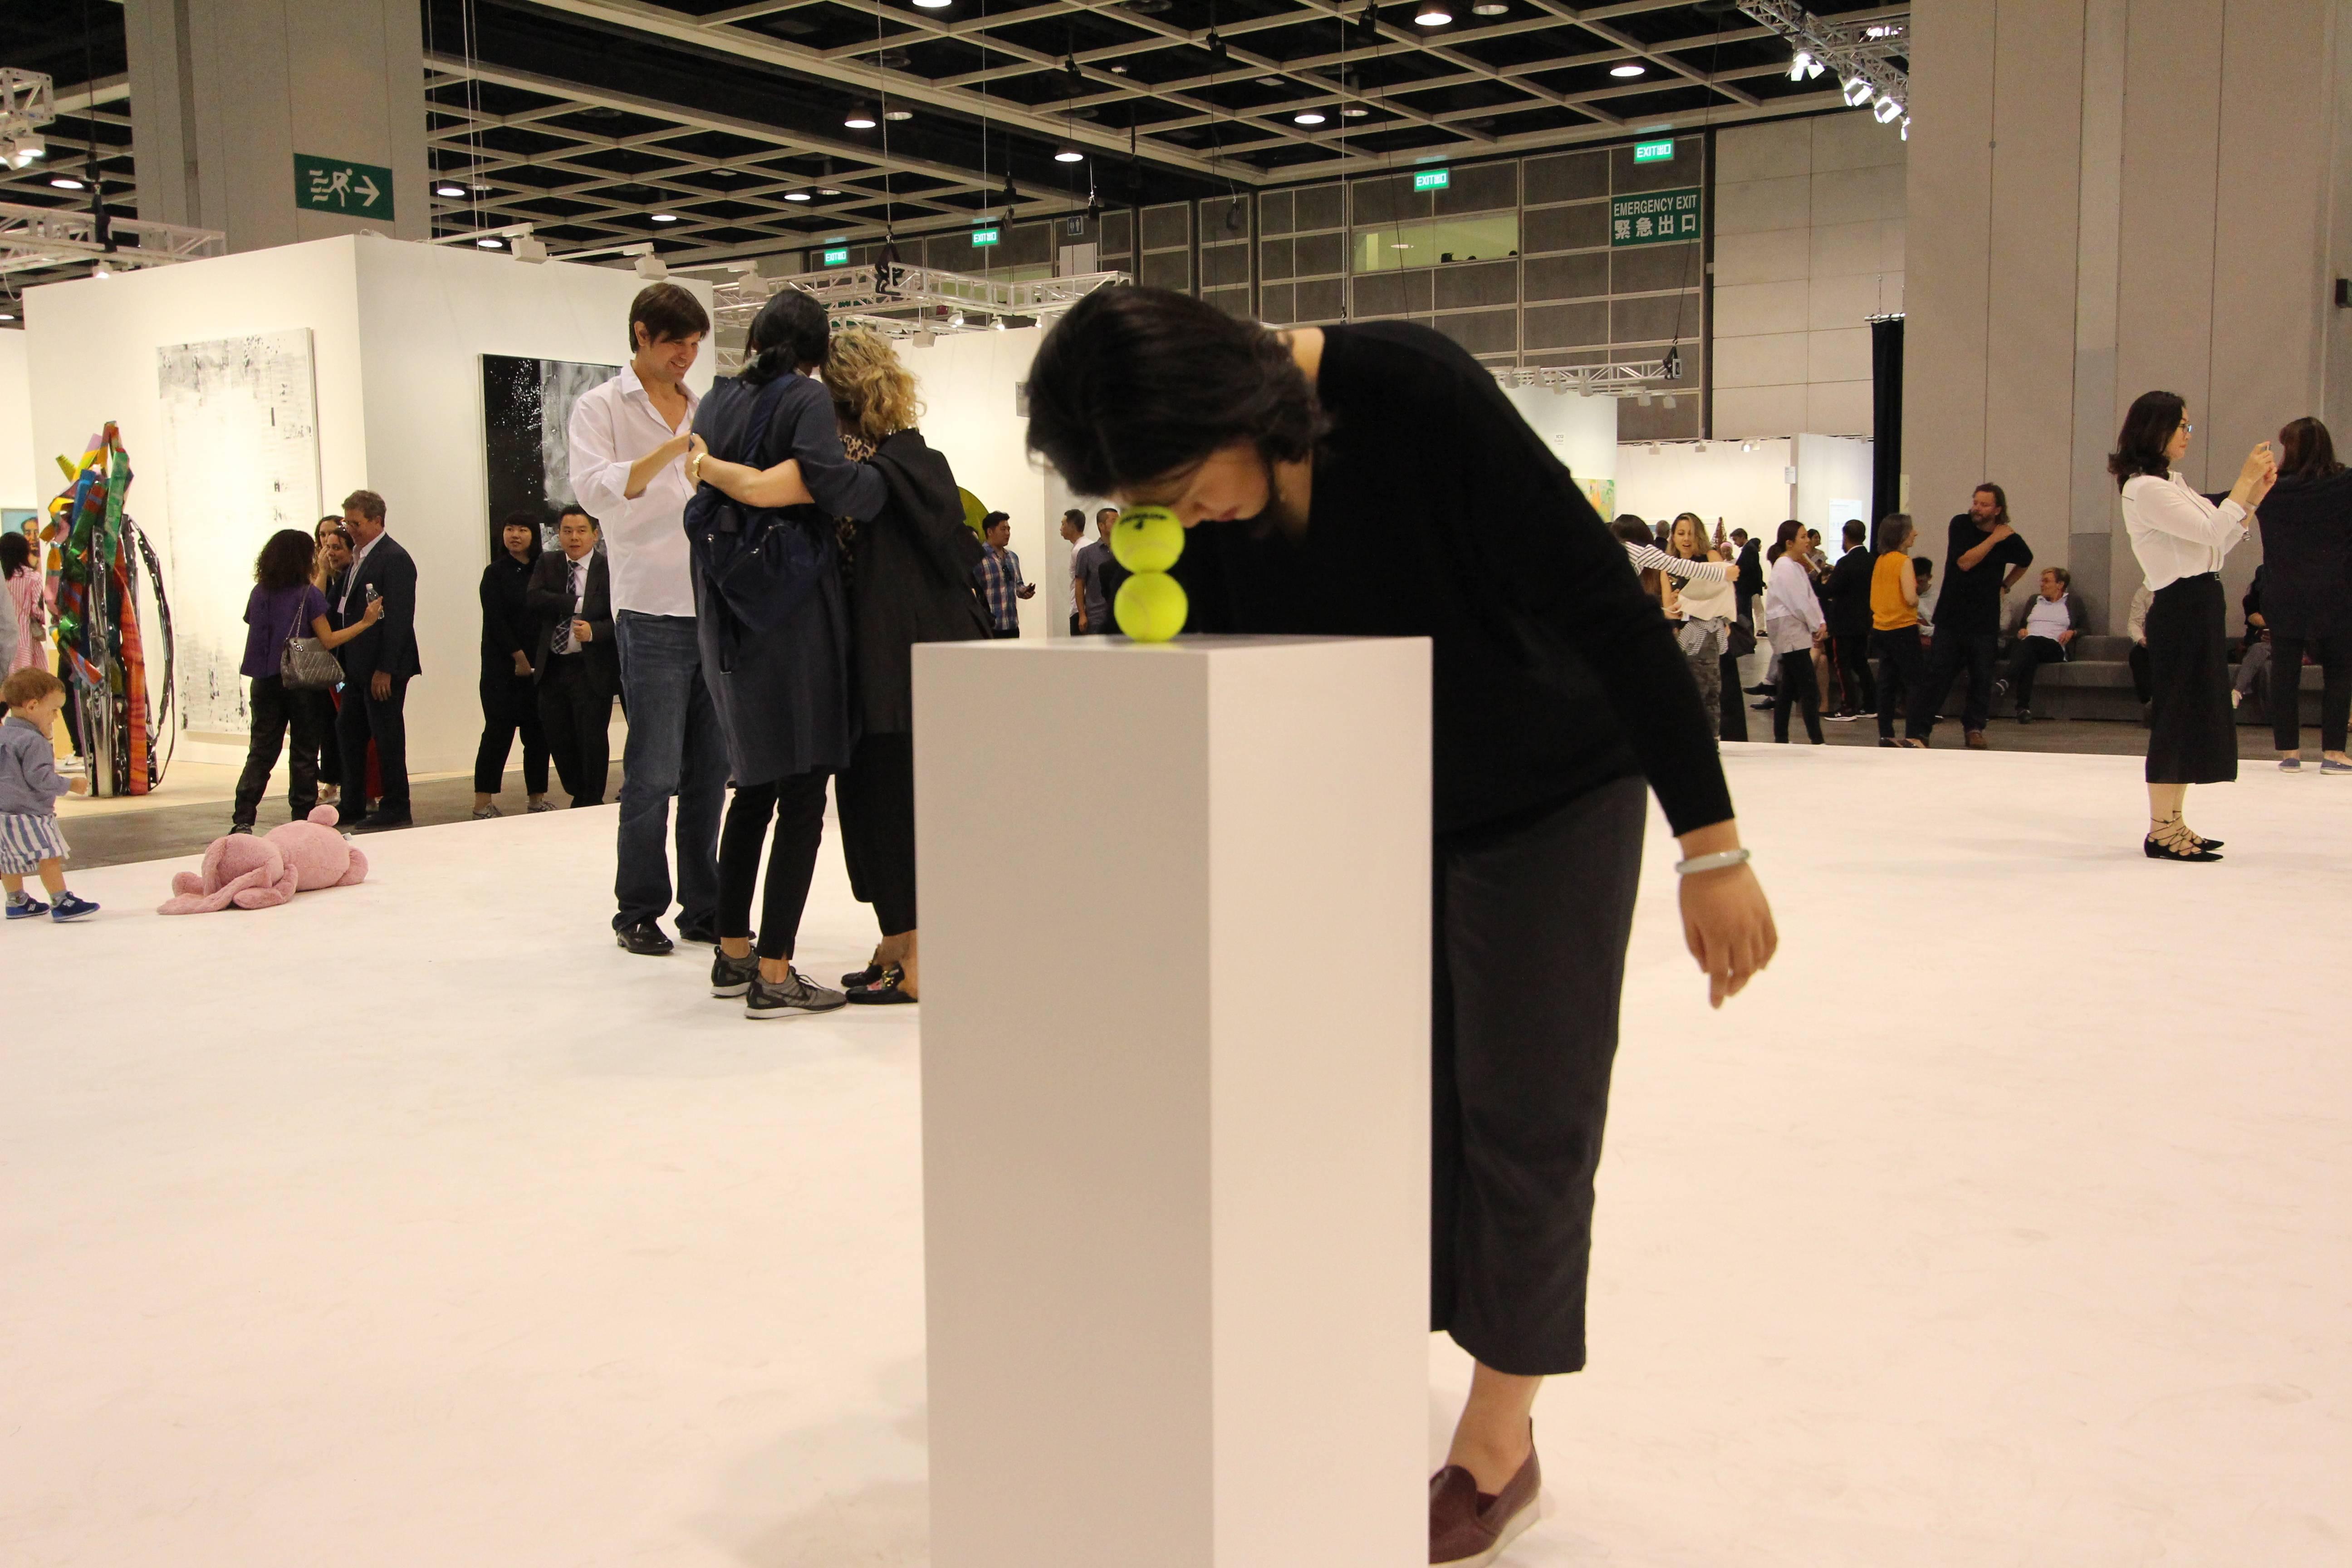 奧地利藝術家歐文.沃姆(Erwin Wirm)的《一分鐘雕塑》